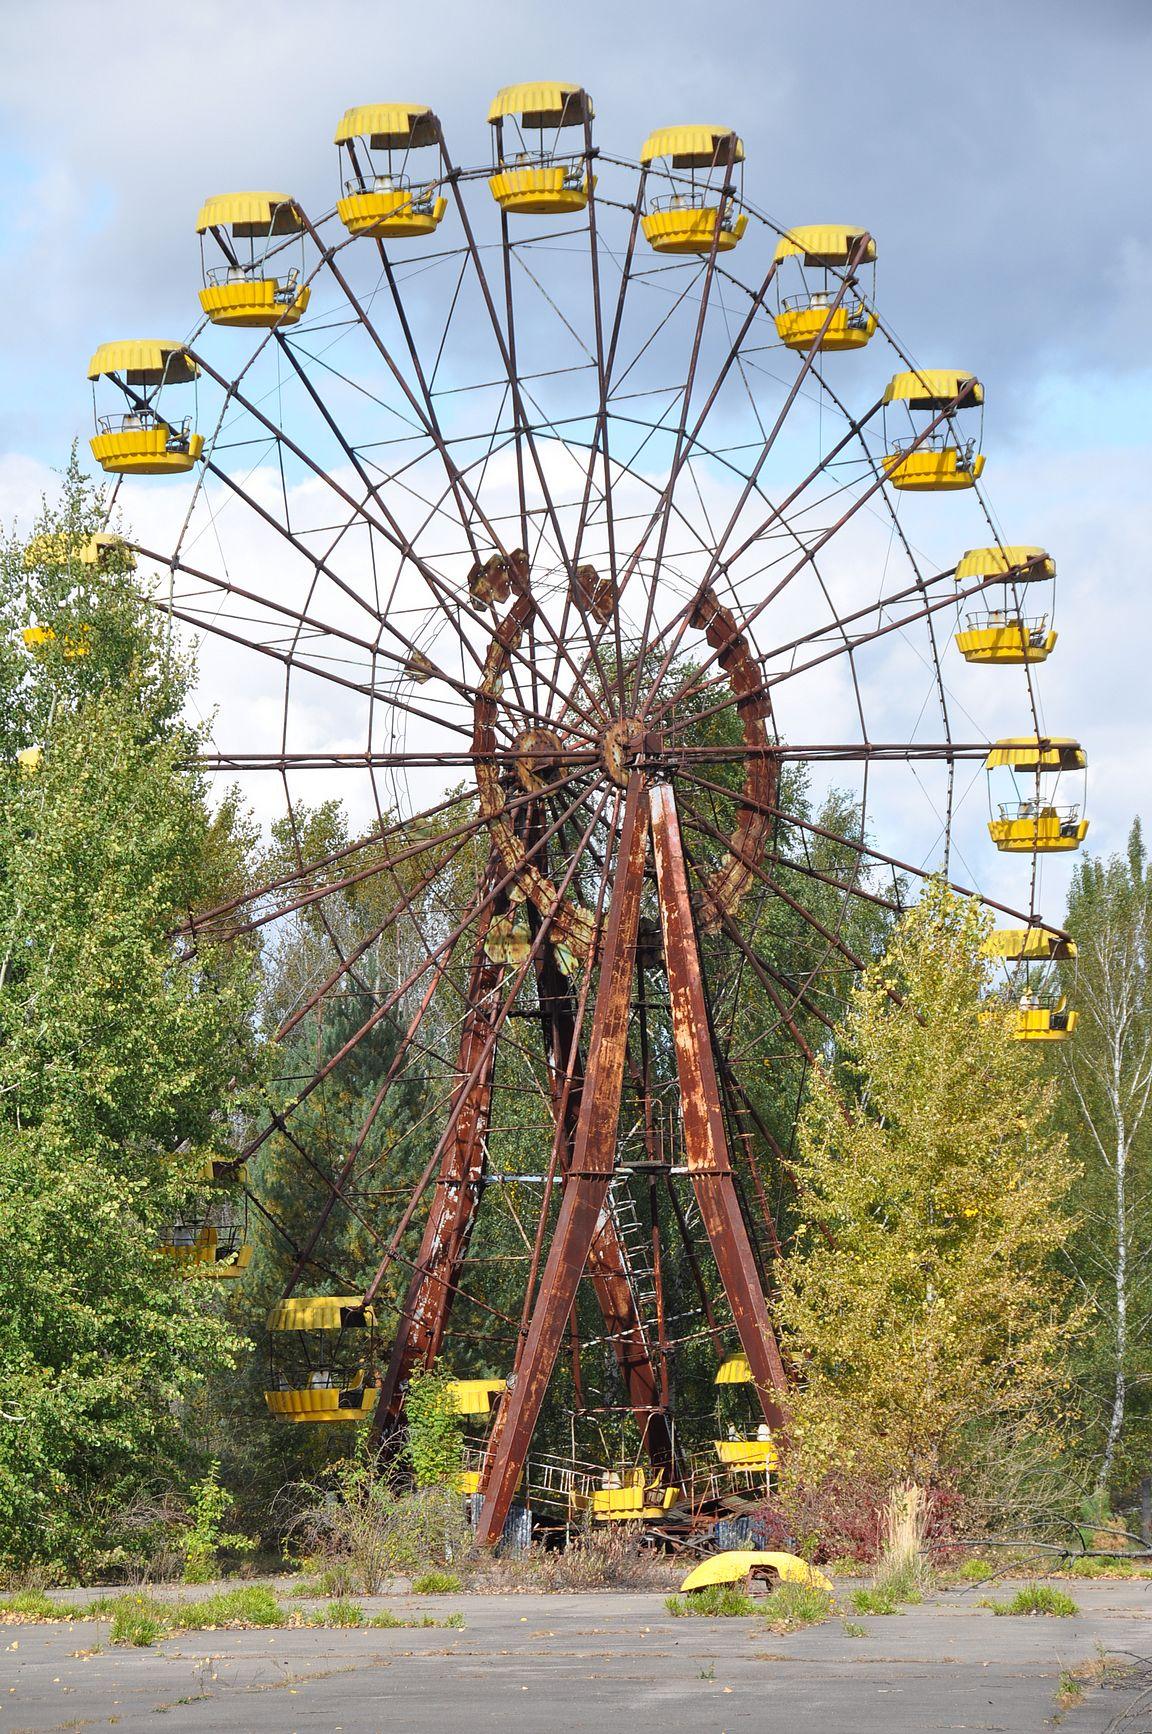 Prypyatin aavekaupungin maailmanpyörä, joka ei koskaan ehtinyt tulla käyttöön.